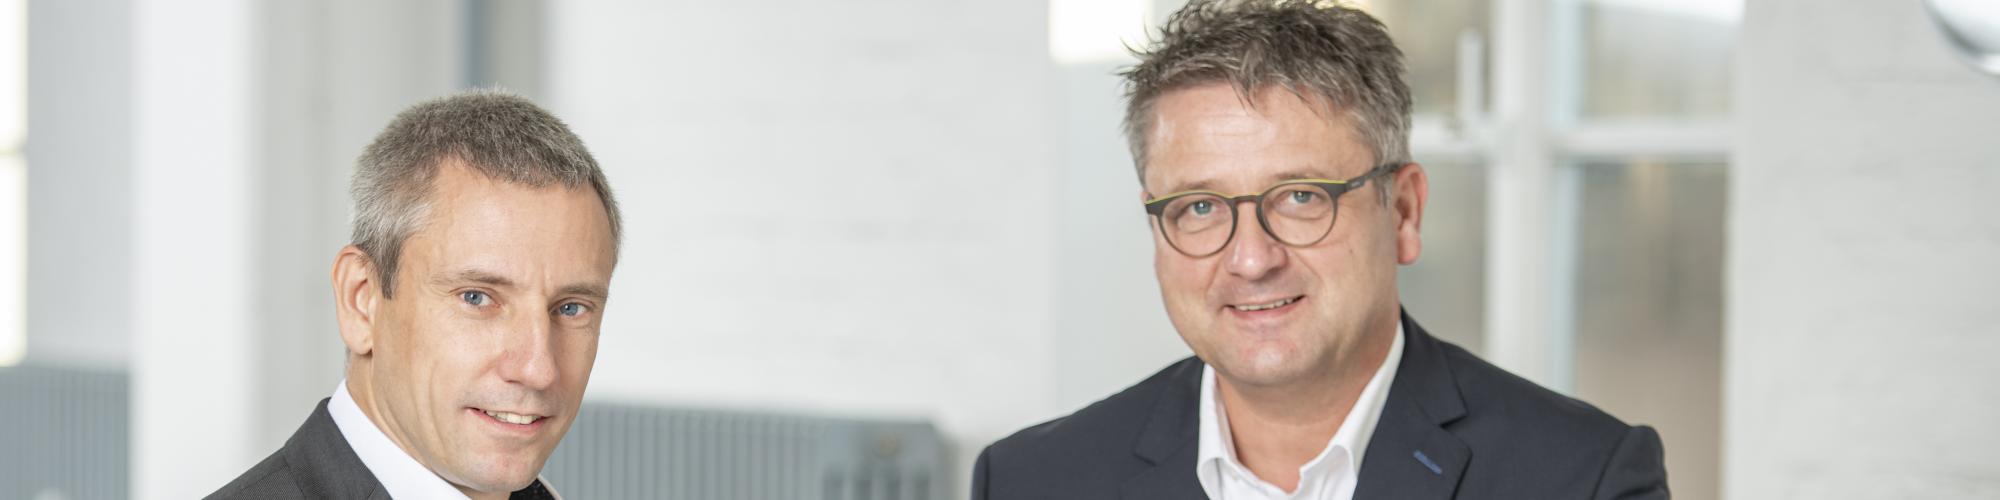 Donner Planung GmbH für Haustechnik